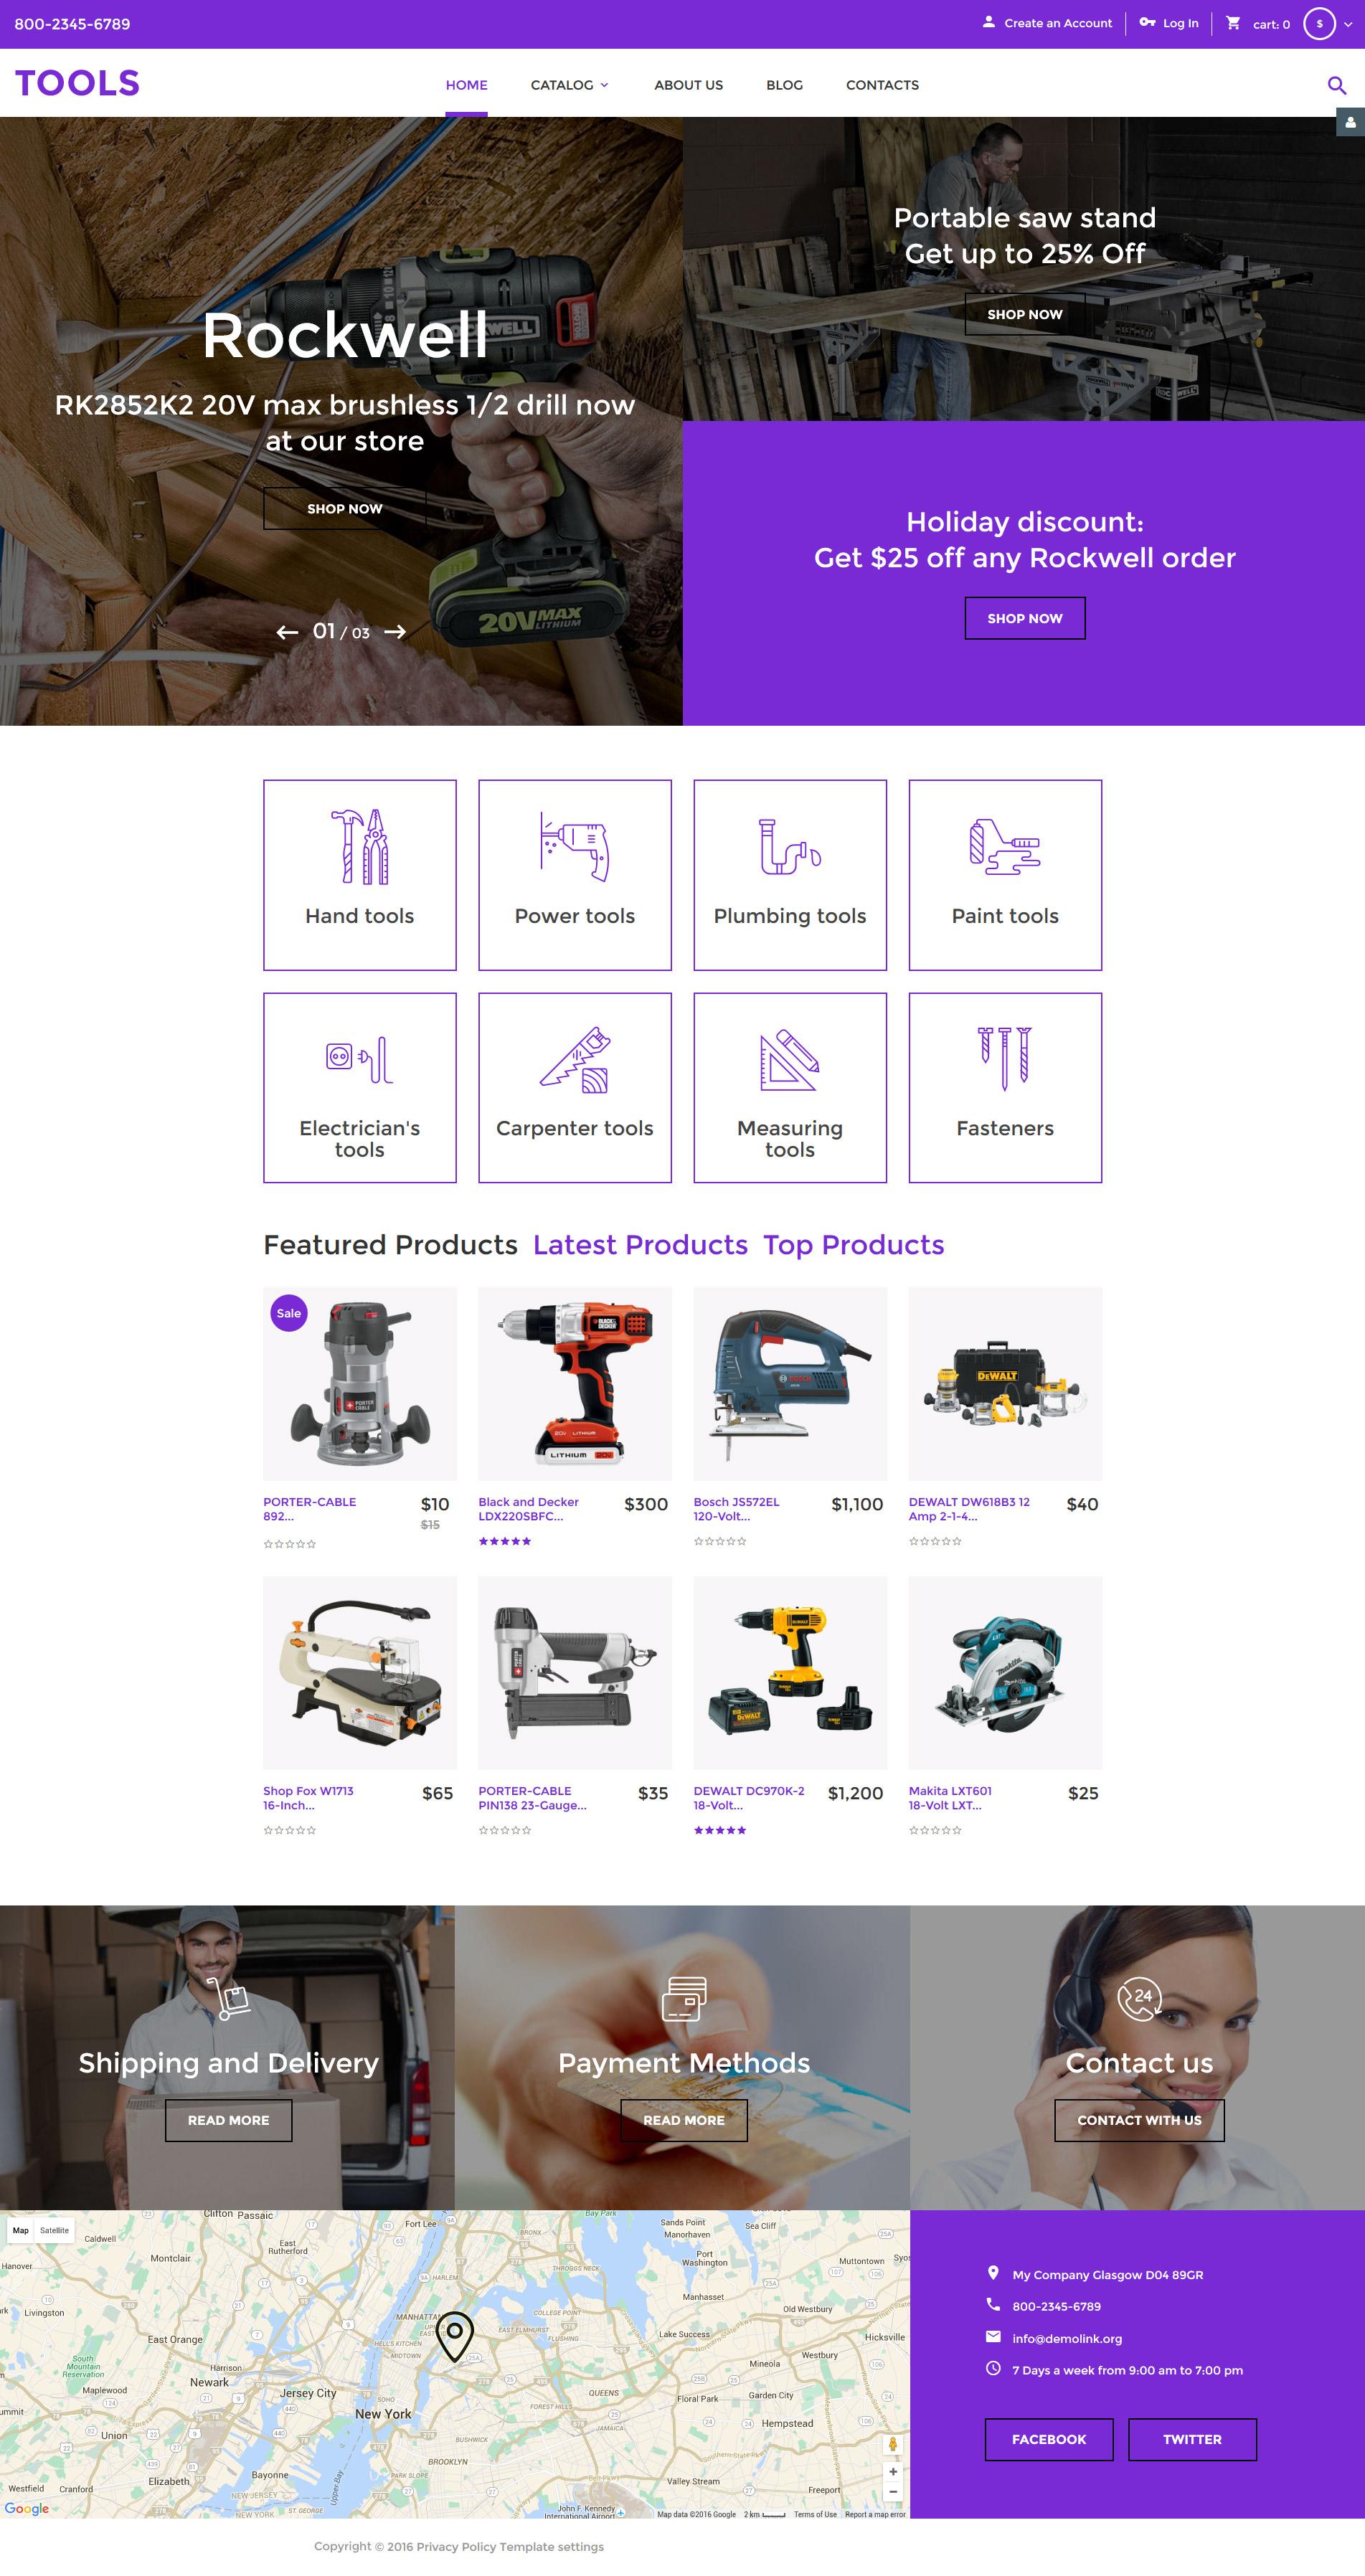 Tools Virtuemart #58284